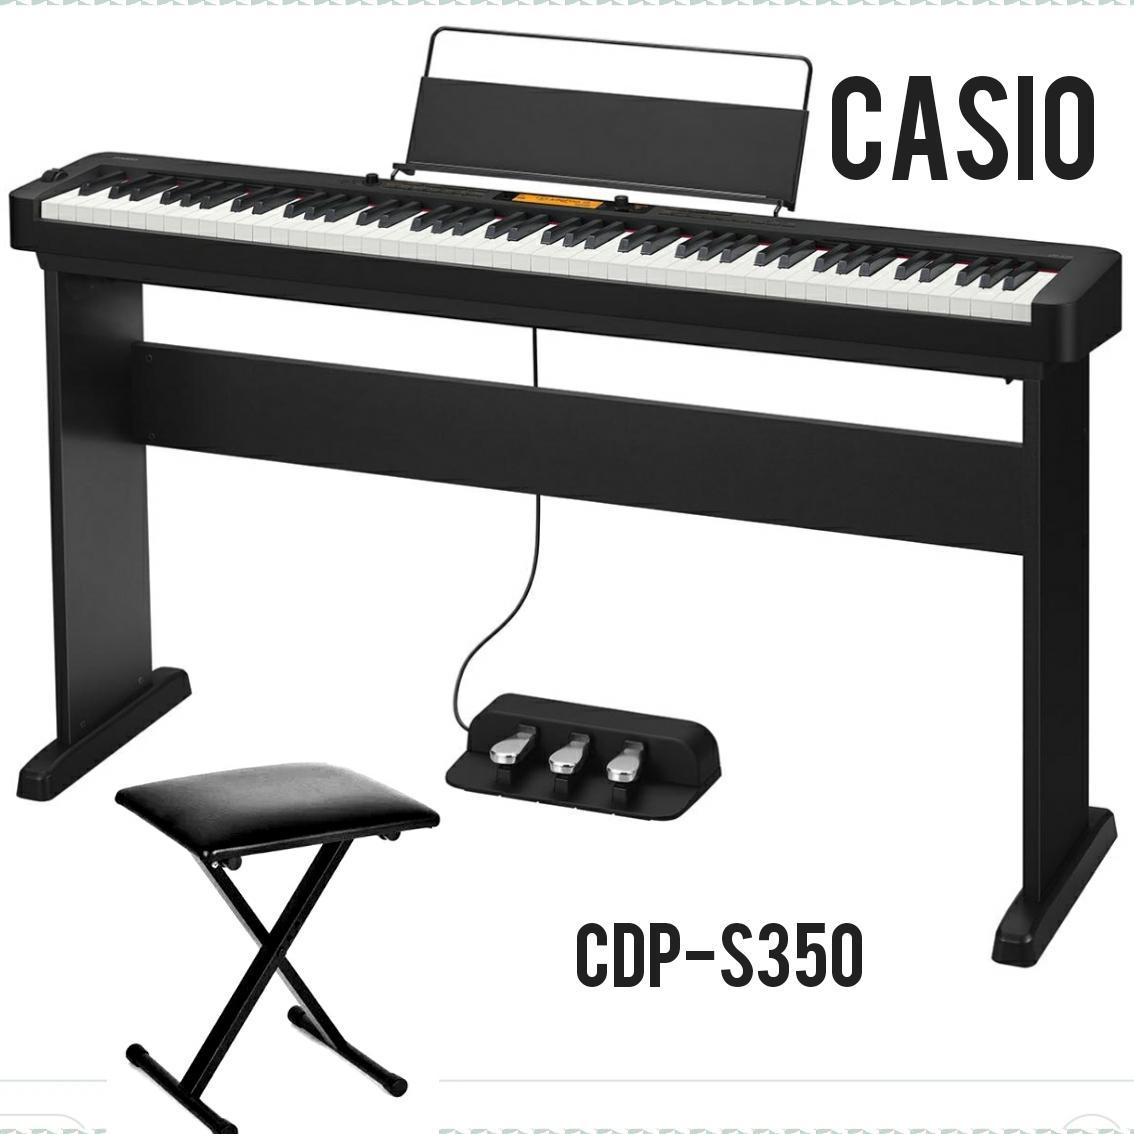 Đàn Piano điện Casio CDP-S350 + CS46 + SP34 - Mang Lại Cảm Hứng Cho Những Nhạc Sĩ ở Mọi Trình độ Và độ Tuổi, Bao Gồm Nhiều Loại Tones Và Rhythms Bất Ngờ Ưu Đãi Giá